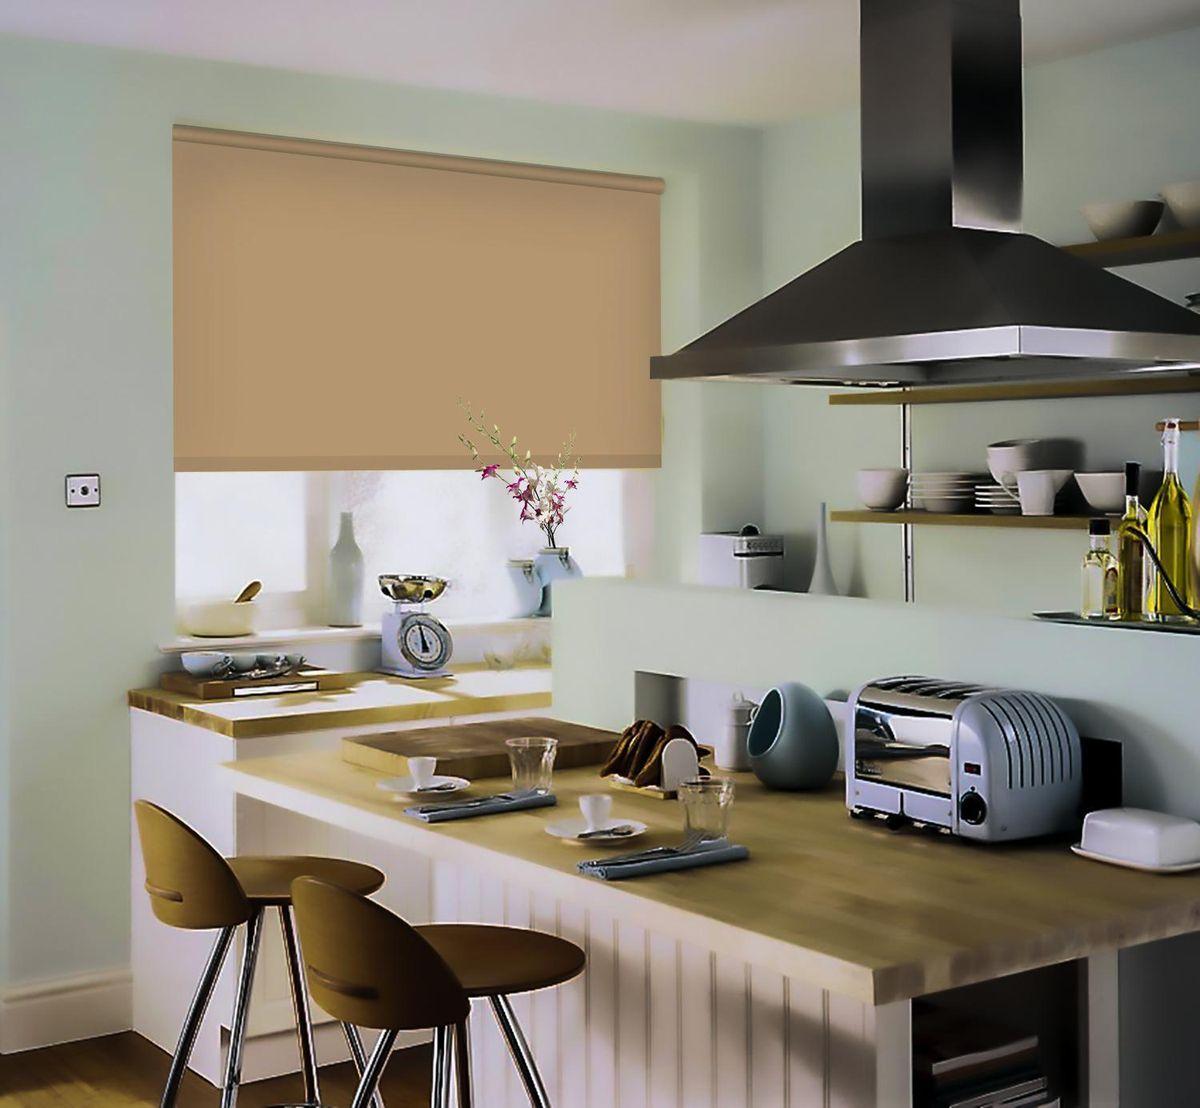 Штора рулонная Эскар, цвет: темно-бежевый, ширина 160 см, высота 170 смMW-3101Рулонными шторами можно оформлять окна как самостоятельно, так и использовать в комбинации с портьерами. Это поможет предотвратить выгорание дорогой ткани на солнце и соединит функционал рулонных с красотой навесных.Преимущества применения рулонных штор для пластиковых окон:- имеют прекрасный внешний вид: многообразие и фактурность материала изделия отлично смотрятся в любом интерьере; - многофункциональны: есть возможность подобрать шторы способные эффективно защитить комнату от солнца, при этом о на не будет слишком темной. - Есть возможность осуществить быстрый монтаж. ВНИМАНИЕ! Размеры ширины изделия указаны по ширине ткани!Во время эксплуатации не рекомендуется полностью разматывать рулон, чтобы не оторвать ткань от намоточного вала.В случае загрязнения поверхности ткани, чистку шторы проводят одним из способов, в зависимости от типа загрязнения: легкое поверхностное загрязнение можно удалить при помощи канцелярского ластика; чистка от пыли производится сухим методом при помощи пылесоса с мягкой щеткой-насадкой; для удаления пятна используйте мягкую губку с пенообразующим неагрессивным моющим средством или пятновыводитель на натуральной основе (нельзя применять растворители).